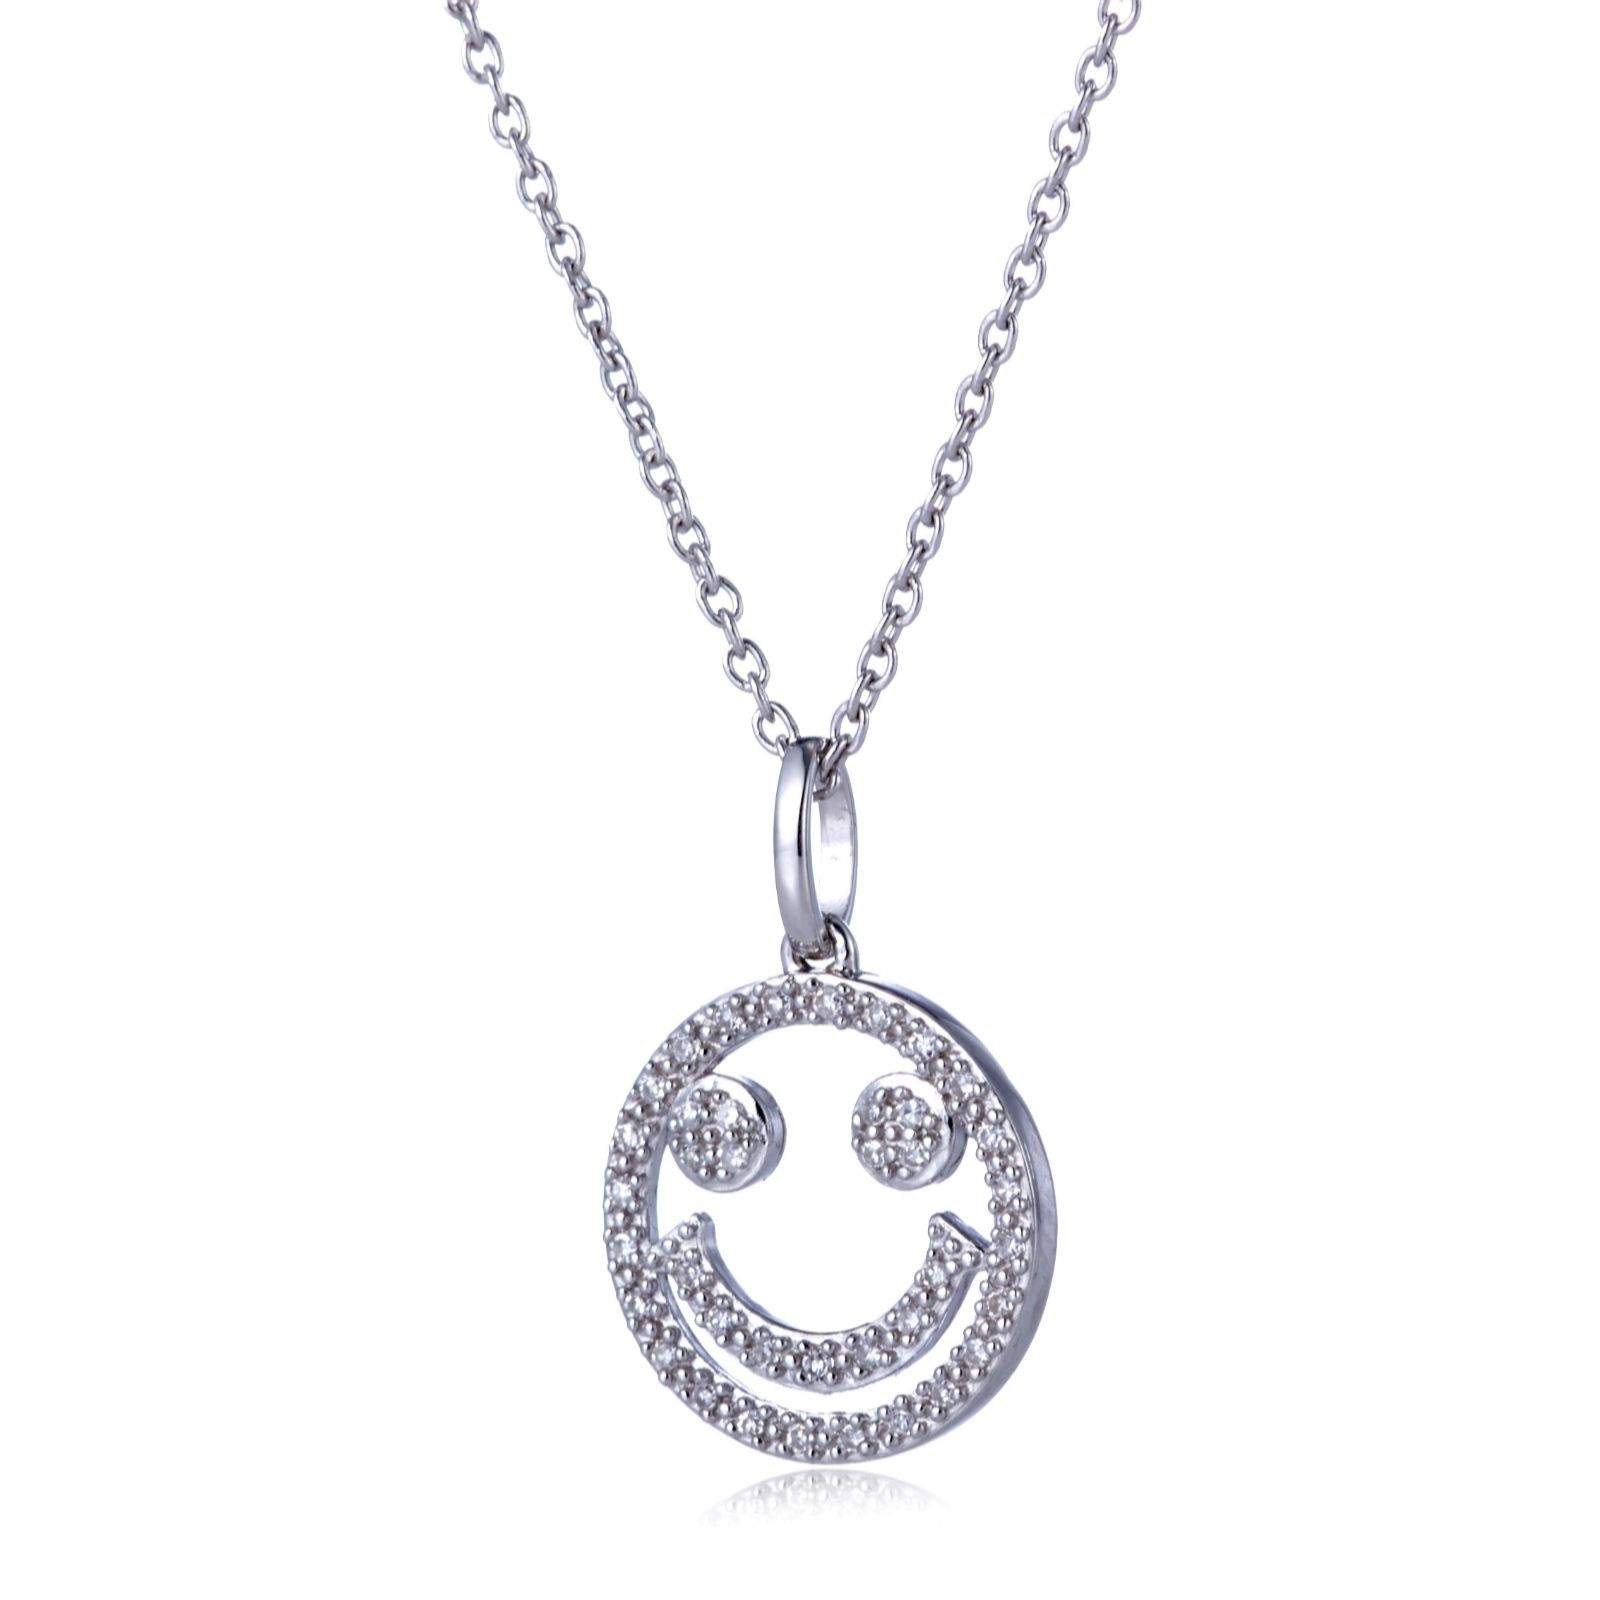 cc19dcea68 Lisa Snowdon Diamond Happy Face 45cm Necklace Sterling Silver - QVC UK